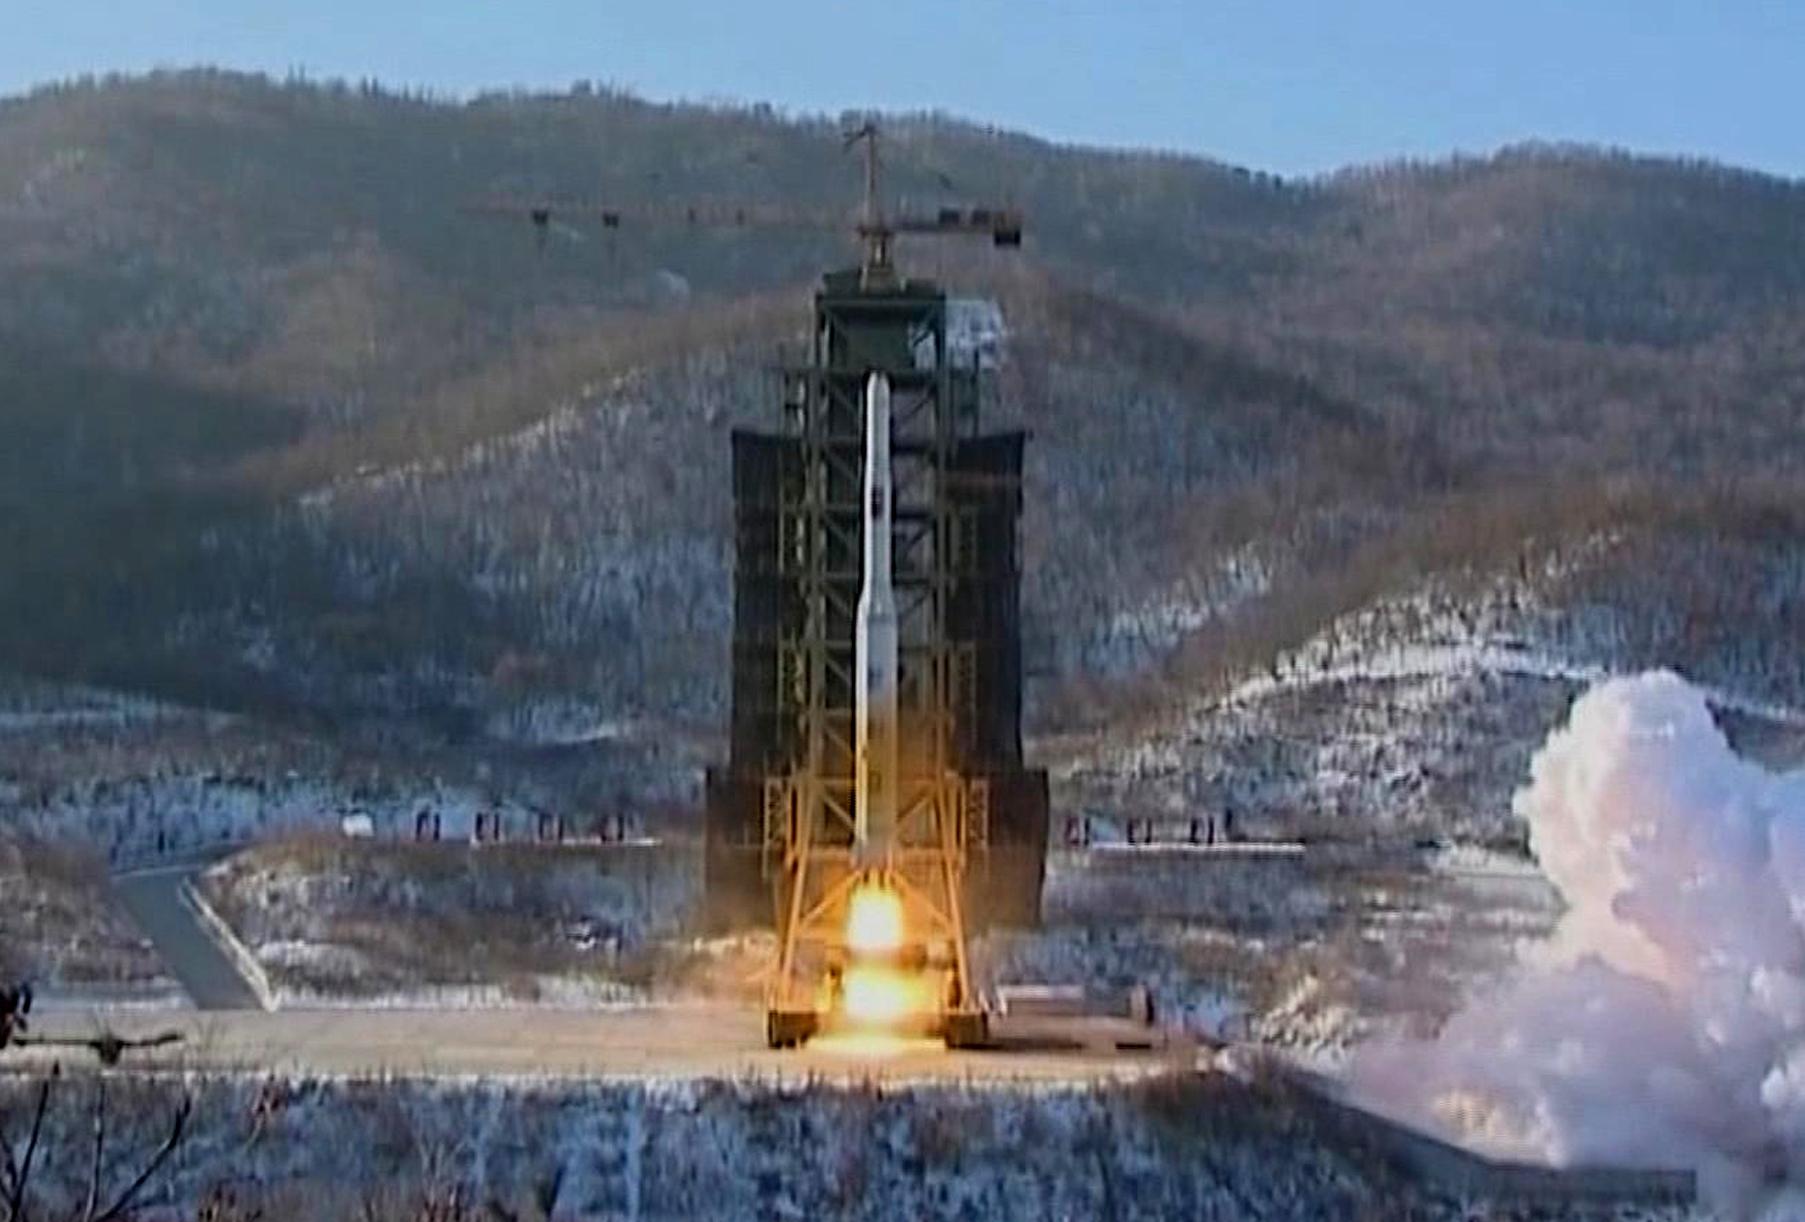 http://www.vosizneias.com/wp-content/uploads/2013/01/North-Korea-Nuclear_sham.jpg